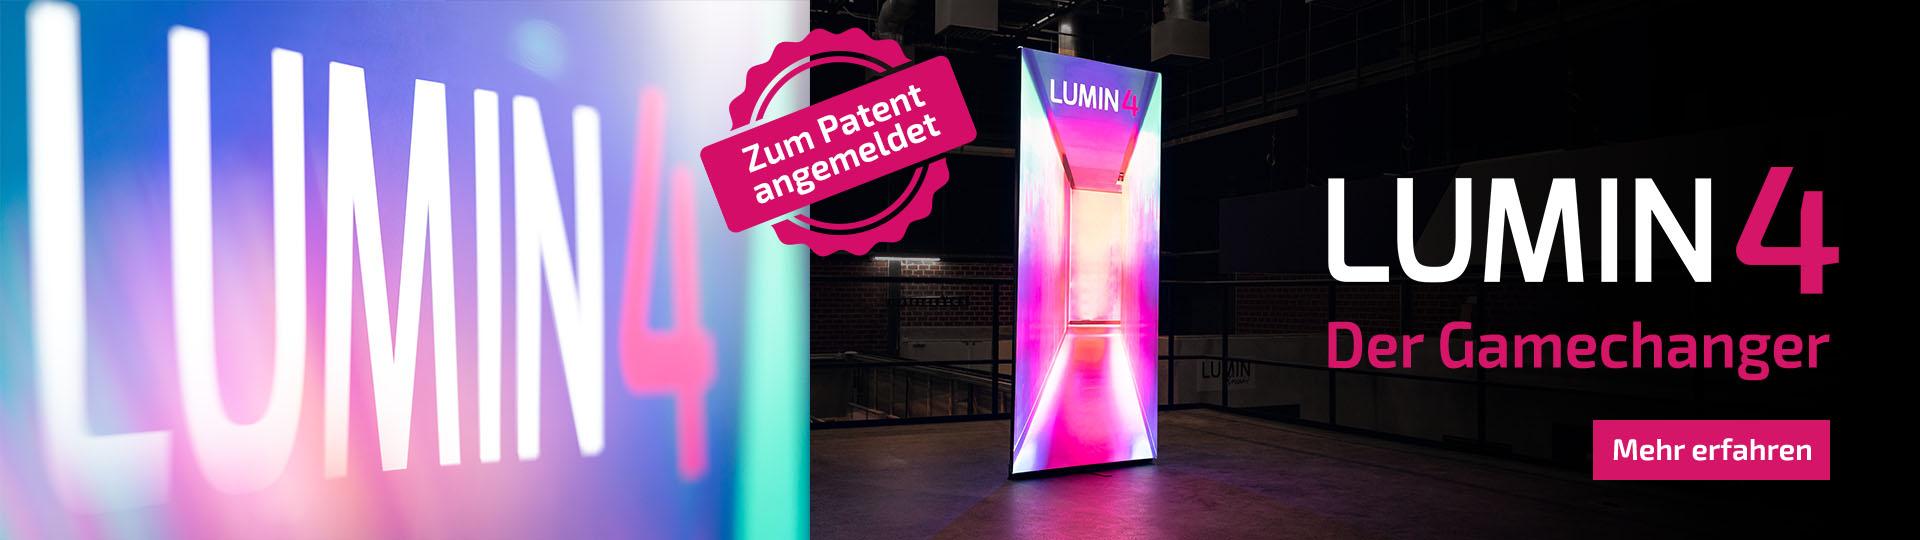 LUMIN4 - Der Gamechanger